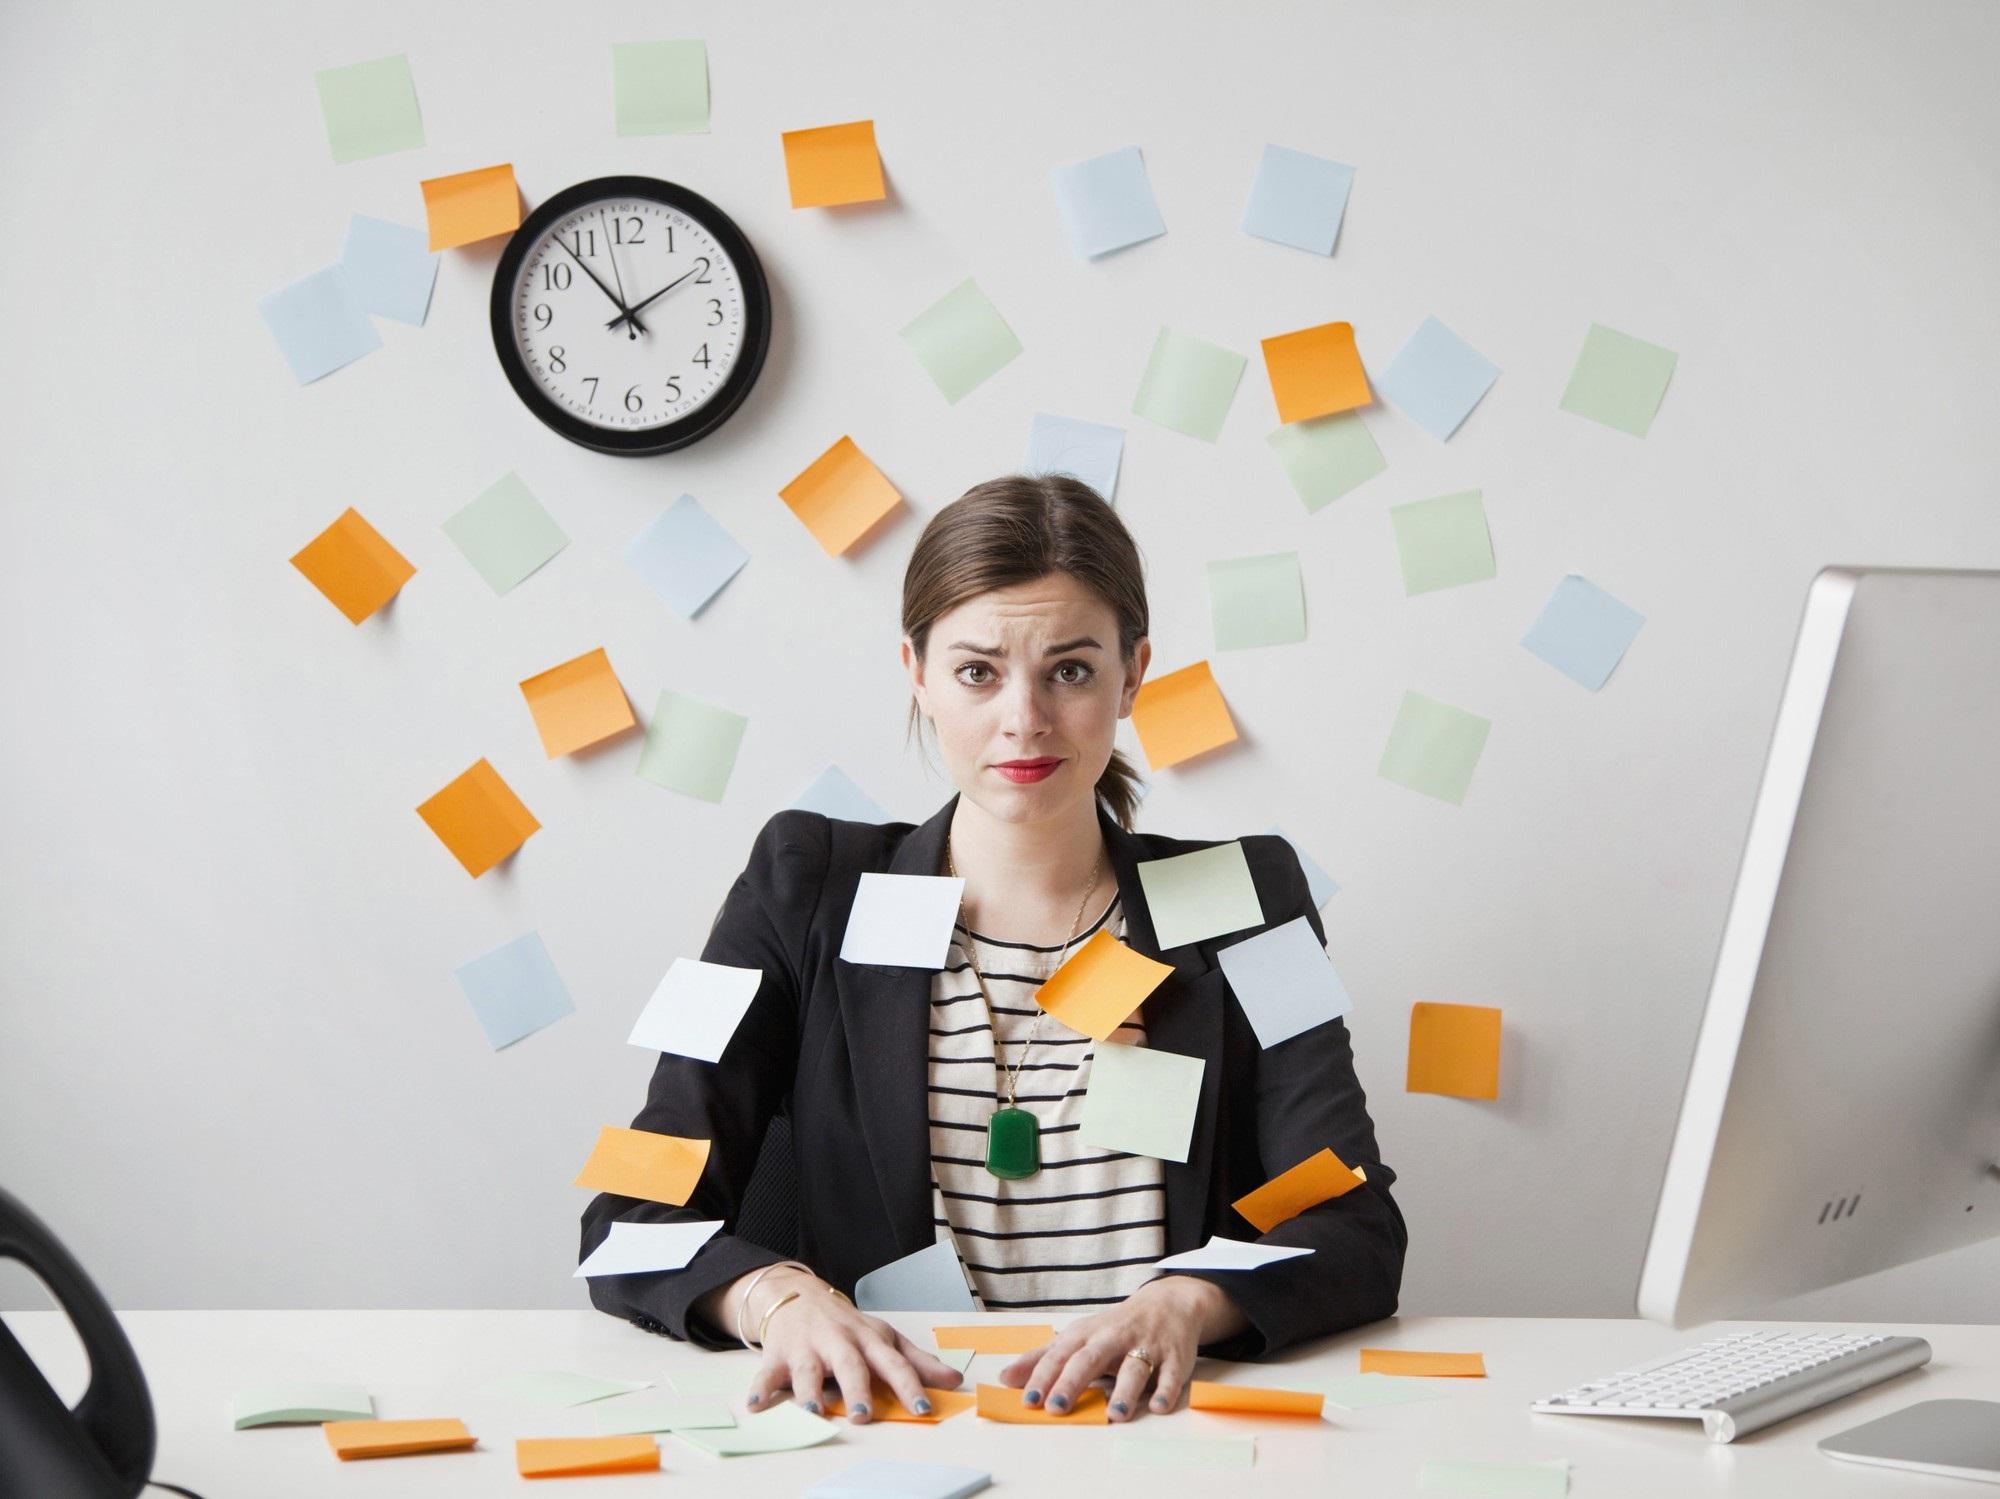 Dân văn phòng nên dành ra tối đa 15 phút ngủ trưa để thu về 5 lợi ích sức khỏe sau - Ảnh 2